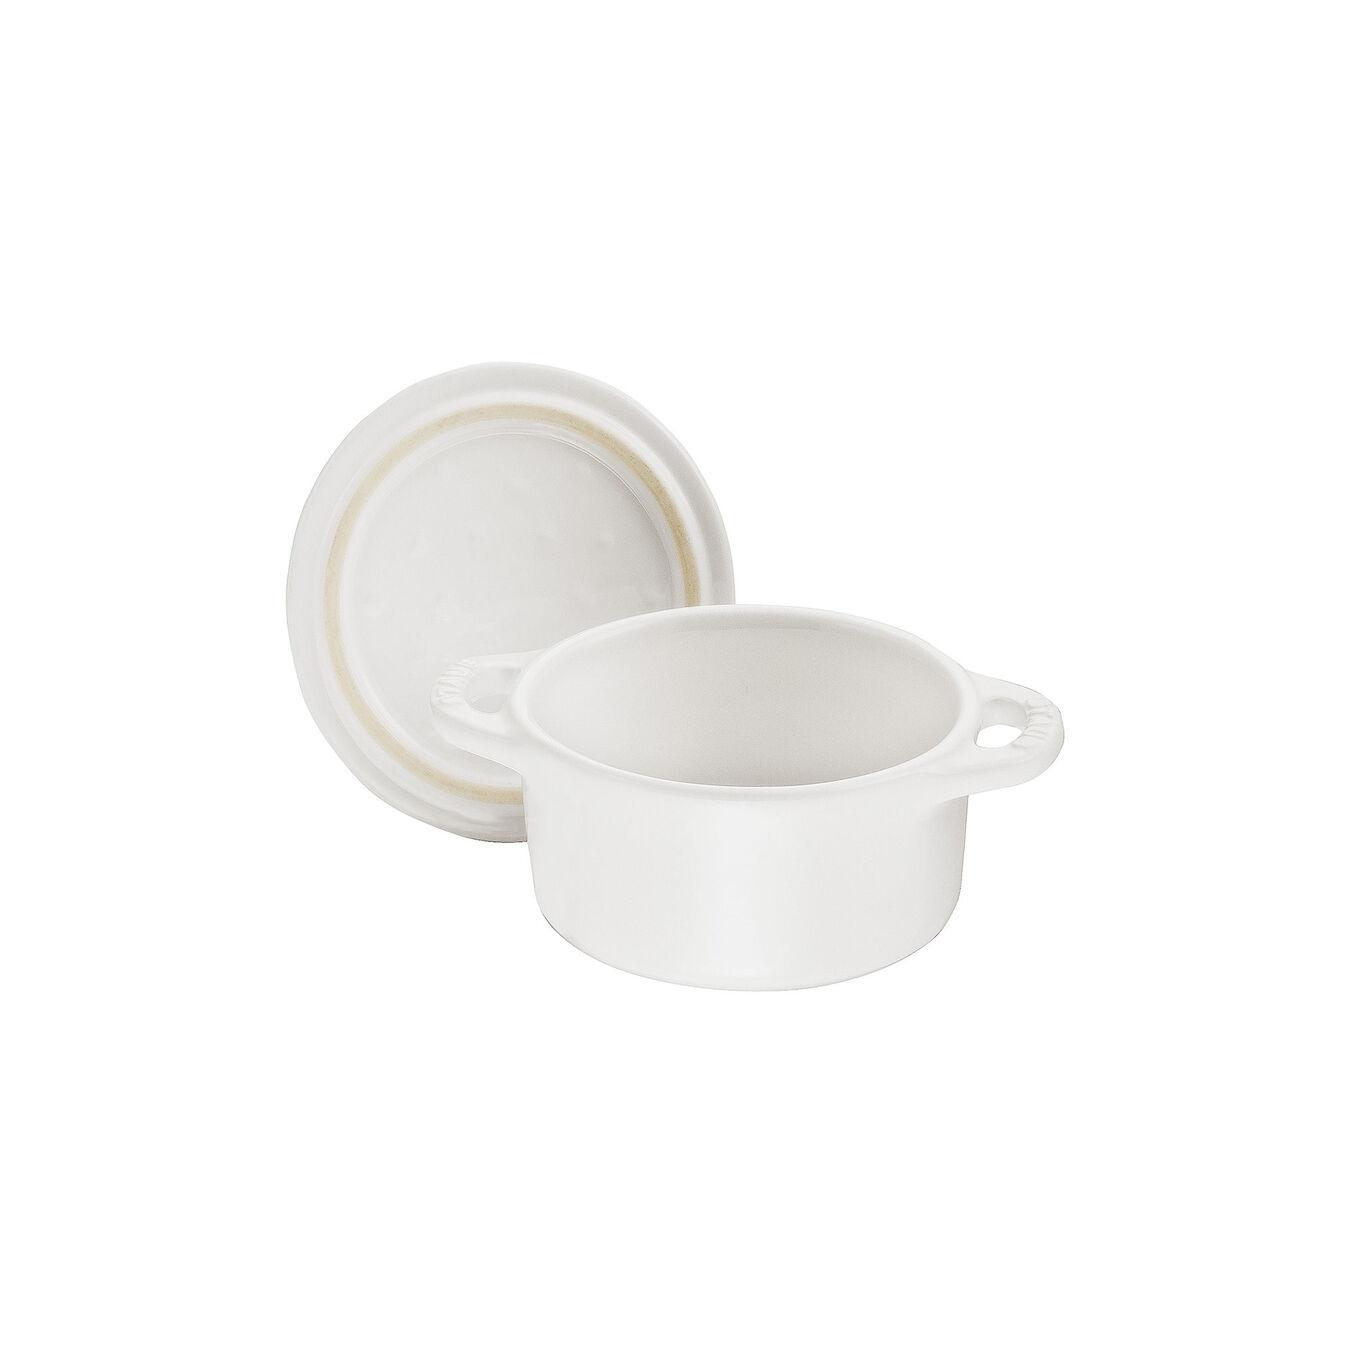 Mini Cocotte 10 cm, Rond(e), Blanc pur, Céramique,,large 5